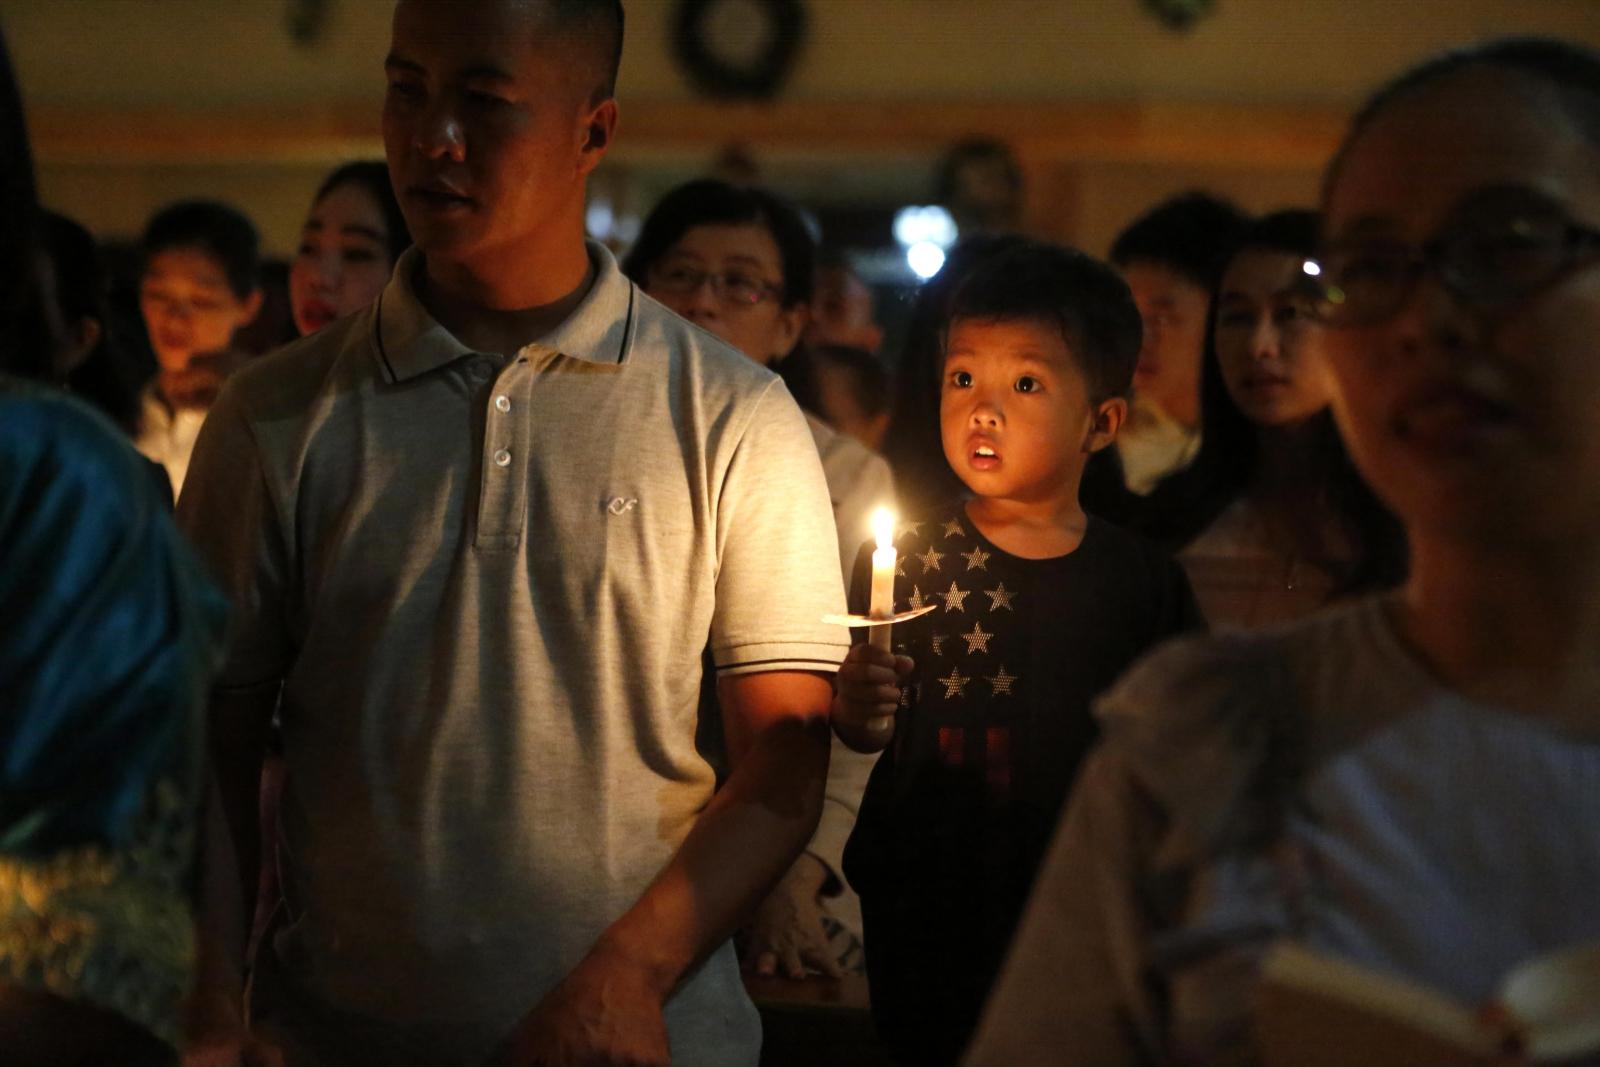 Boże Narodzenie w Indonezji. fot. EPA/HOTLI SIMANJUNTAK